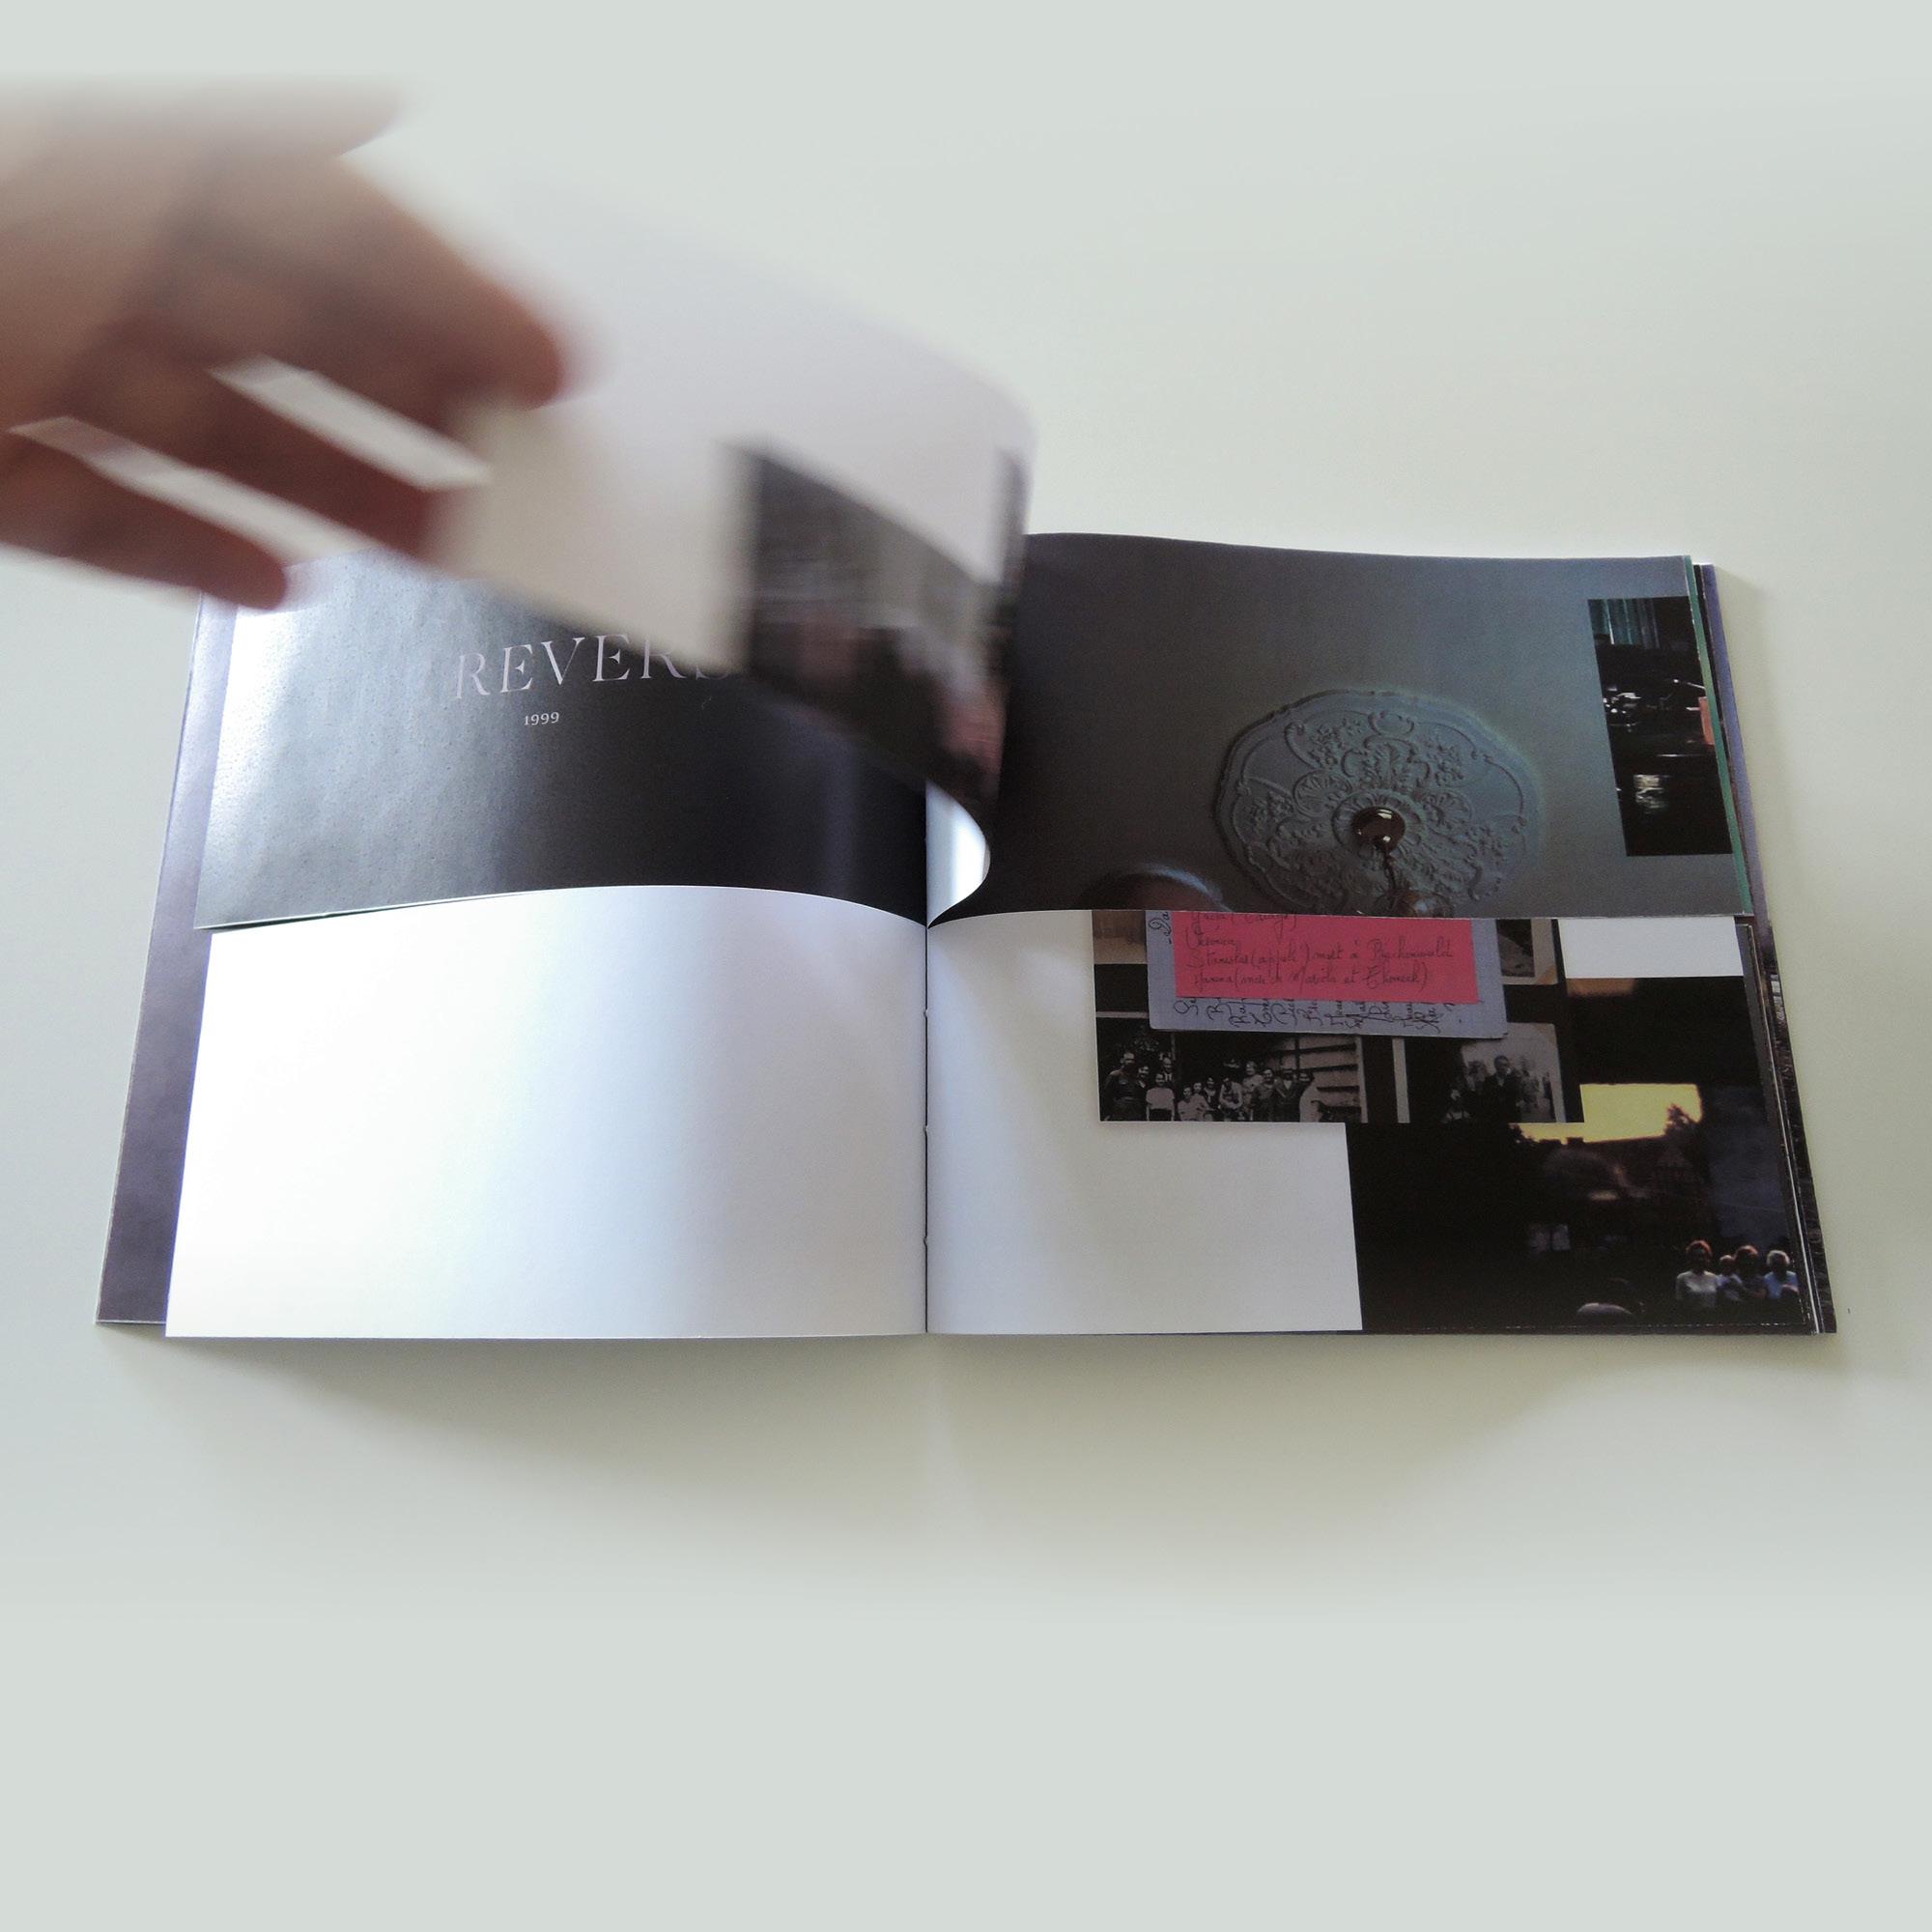 2_Après on oublie-image-07 © Bruno Dubreuil, textes et photos & Claire Jolin, dessin du livre-1